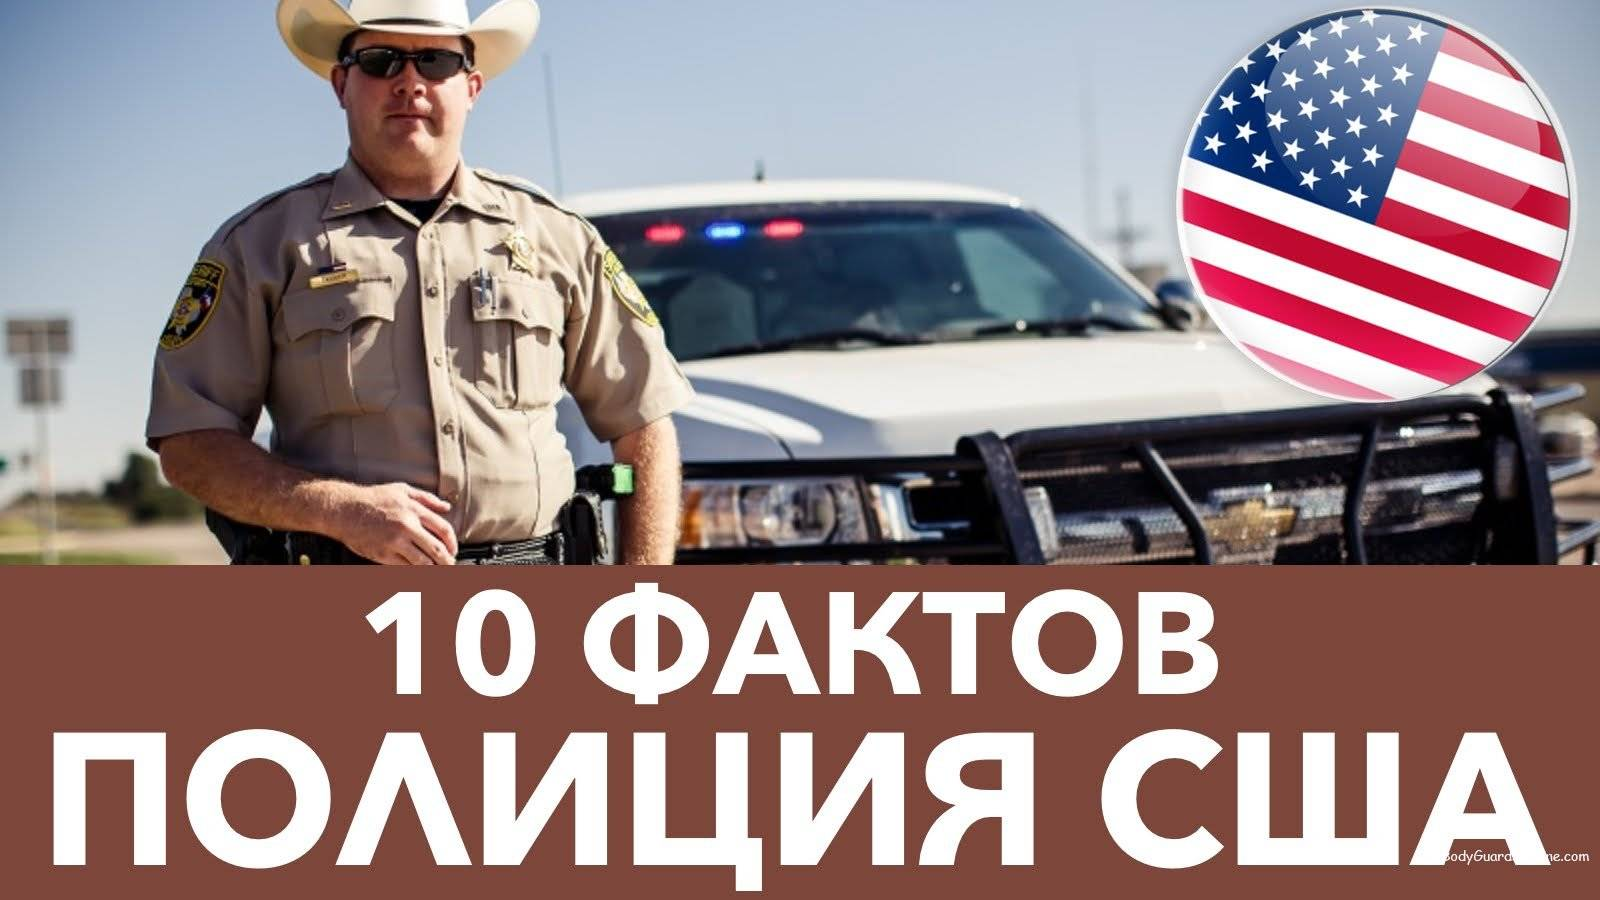 Полиция сша - русскоязычный висконсин. милуоки и мэдисон.